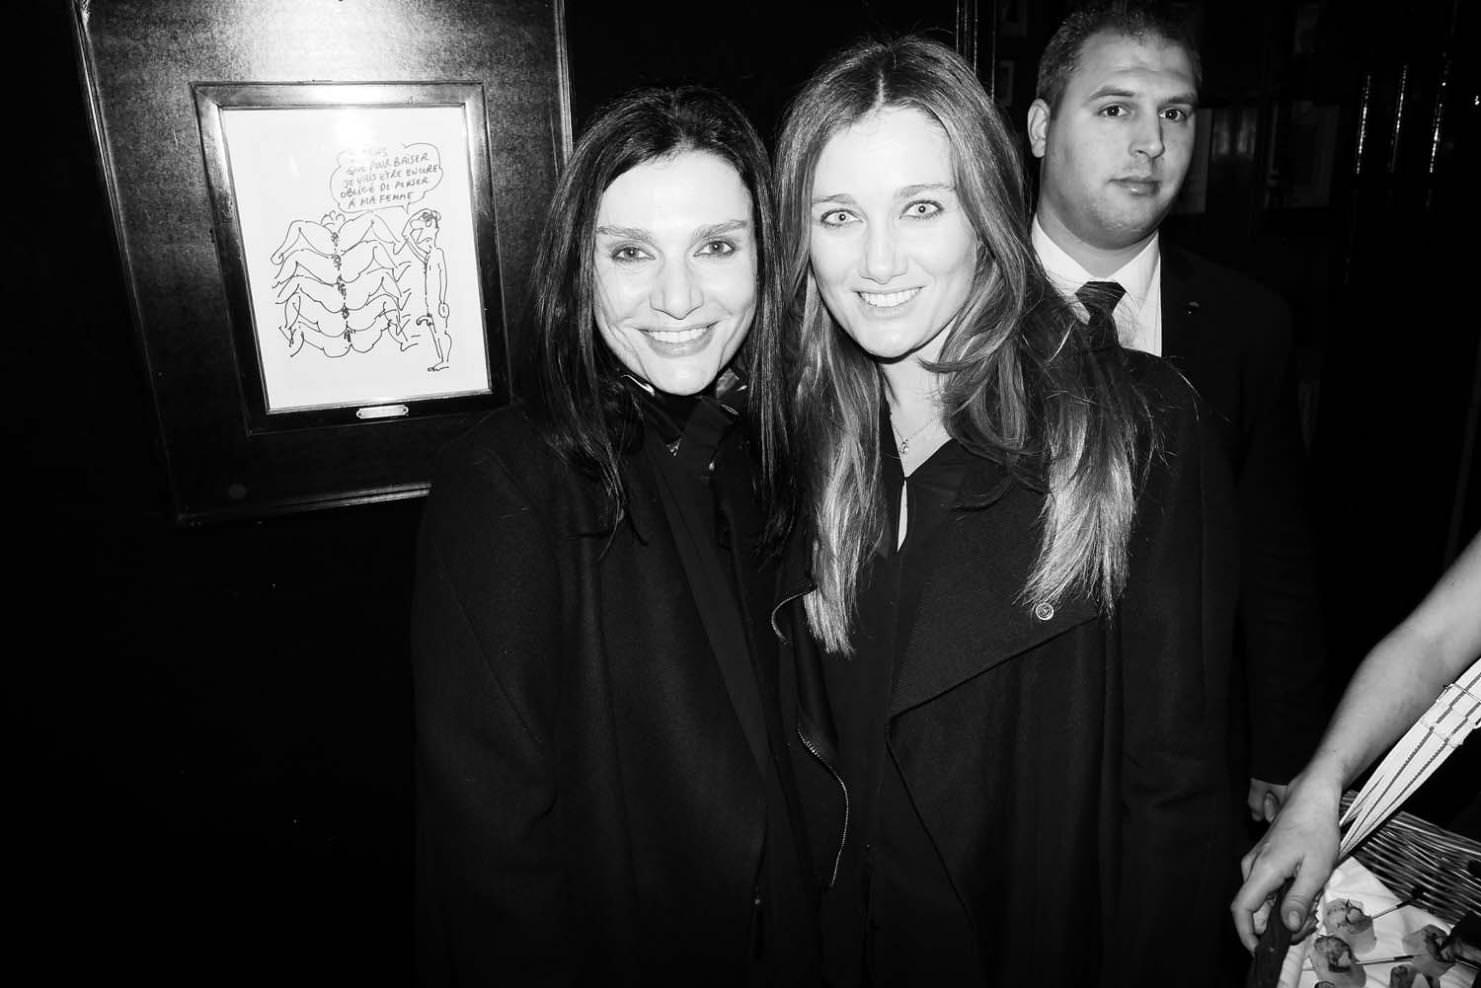 Ilaria Nistri et sa sœur